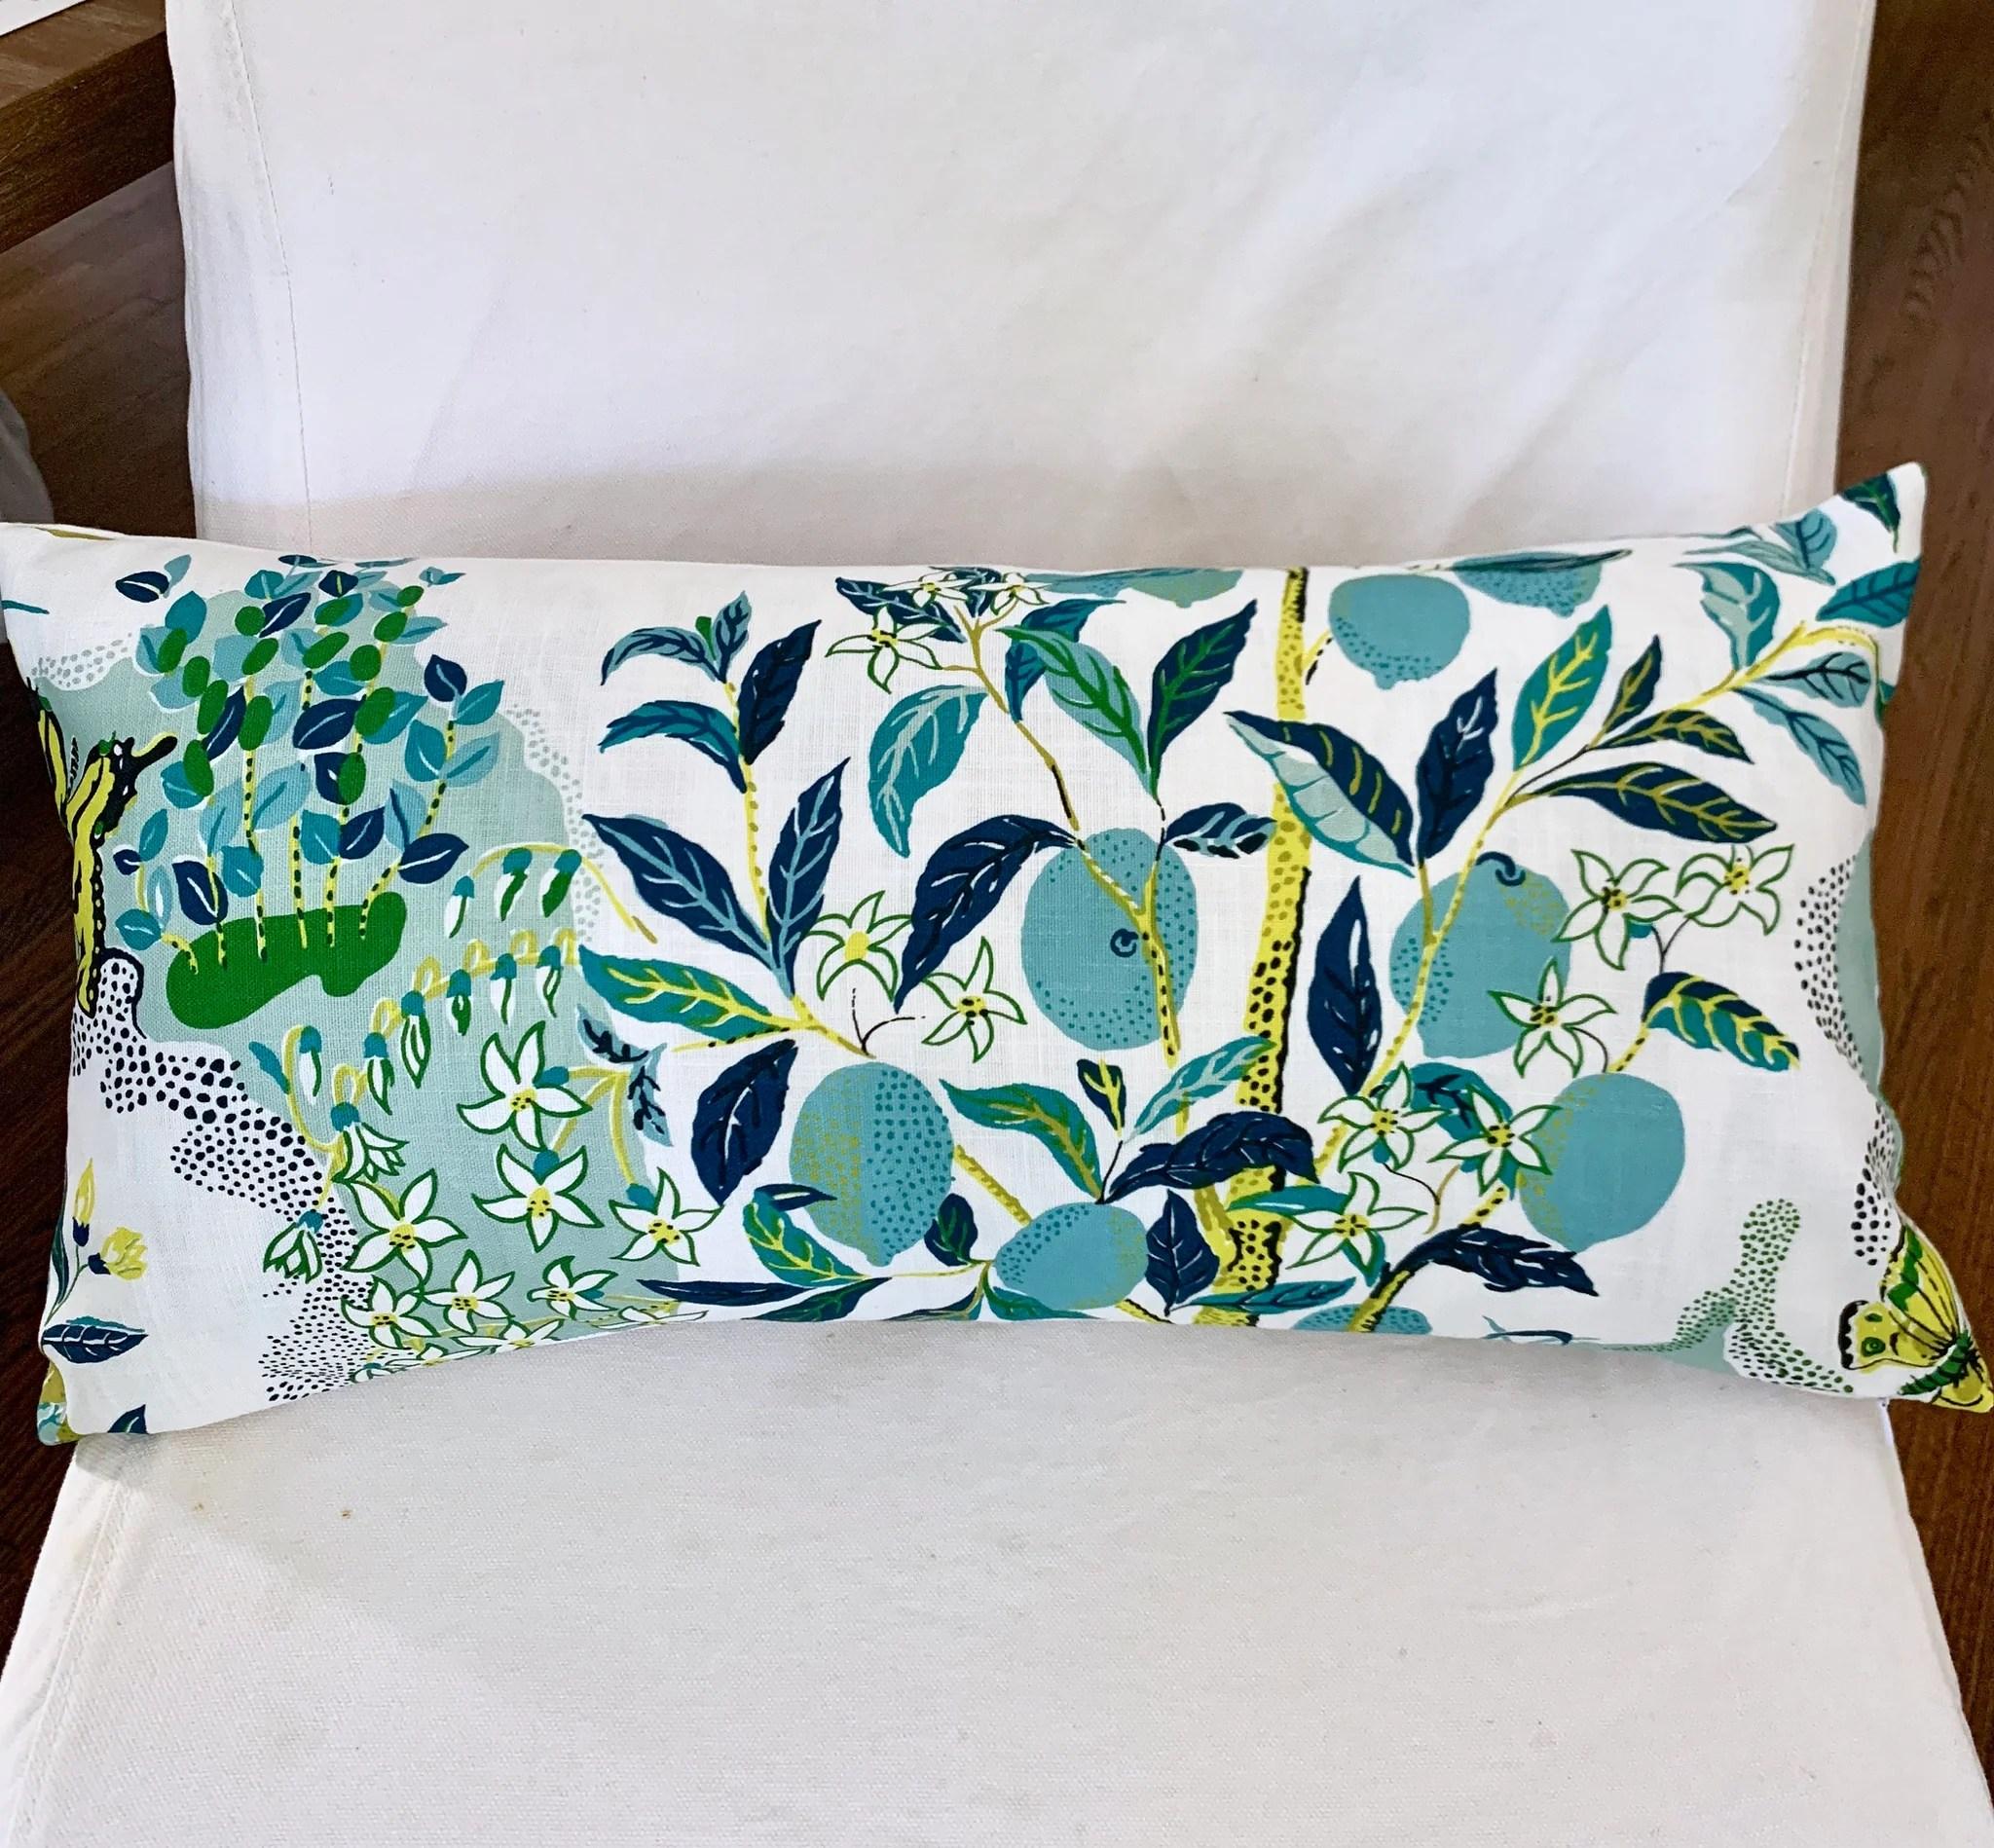 quick ship outdoor citrus garden pillow covers pool 12x24 indoor outdoor schumacher pillow cover citrus garden pillows citrus garden pool